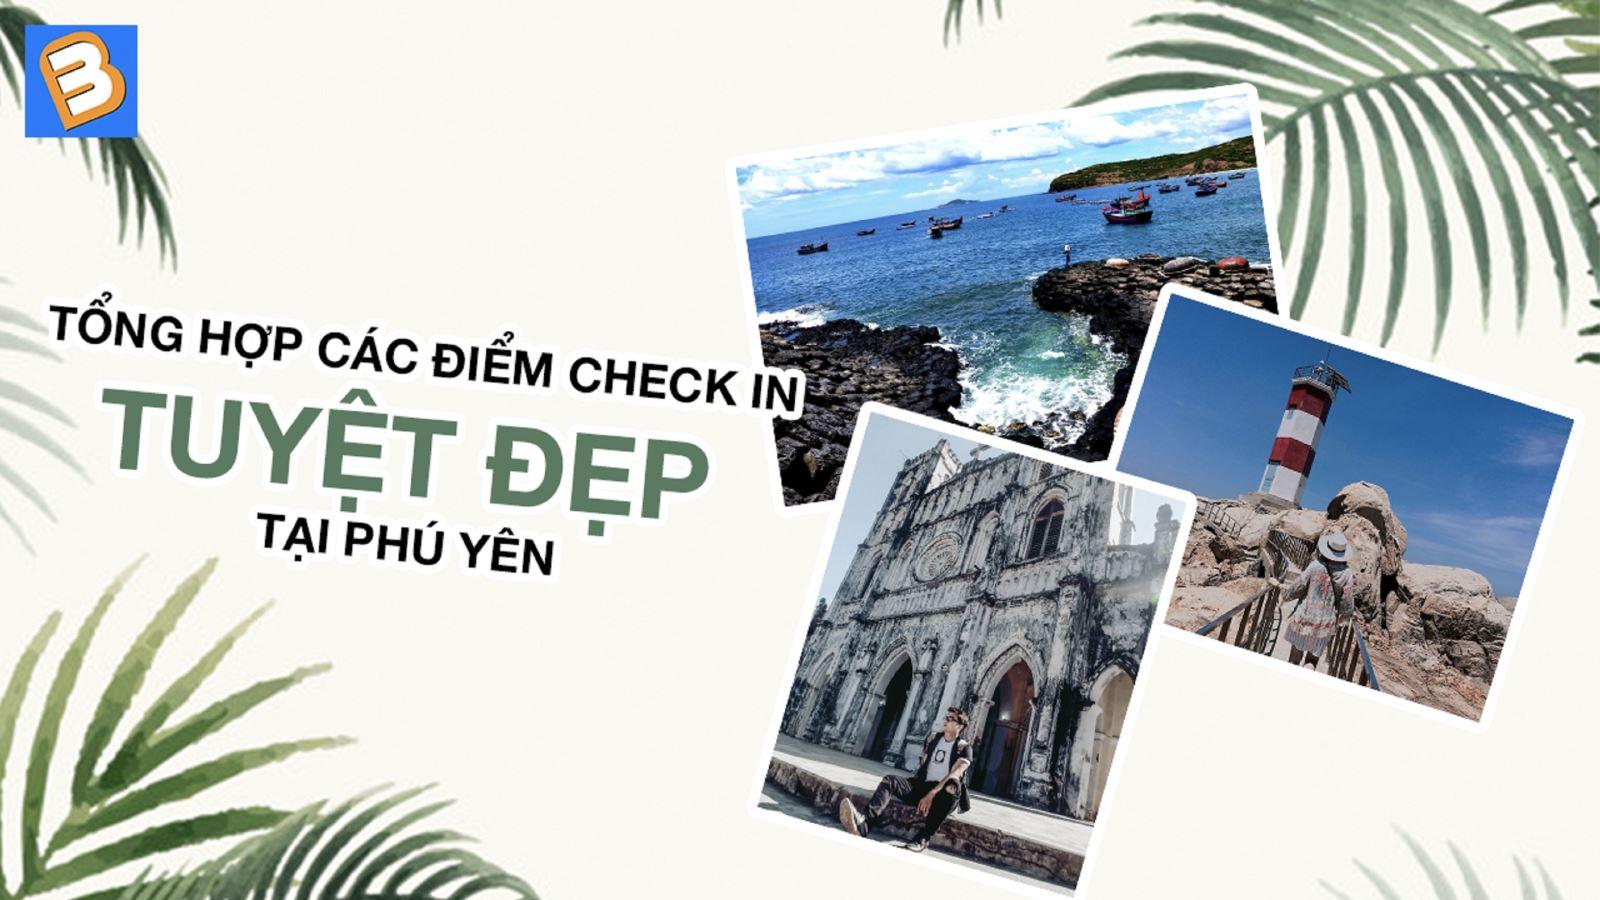 Tổng hợp các điểm check in TUYỆT ĐẸP tại Phú Yên